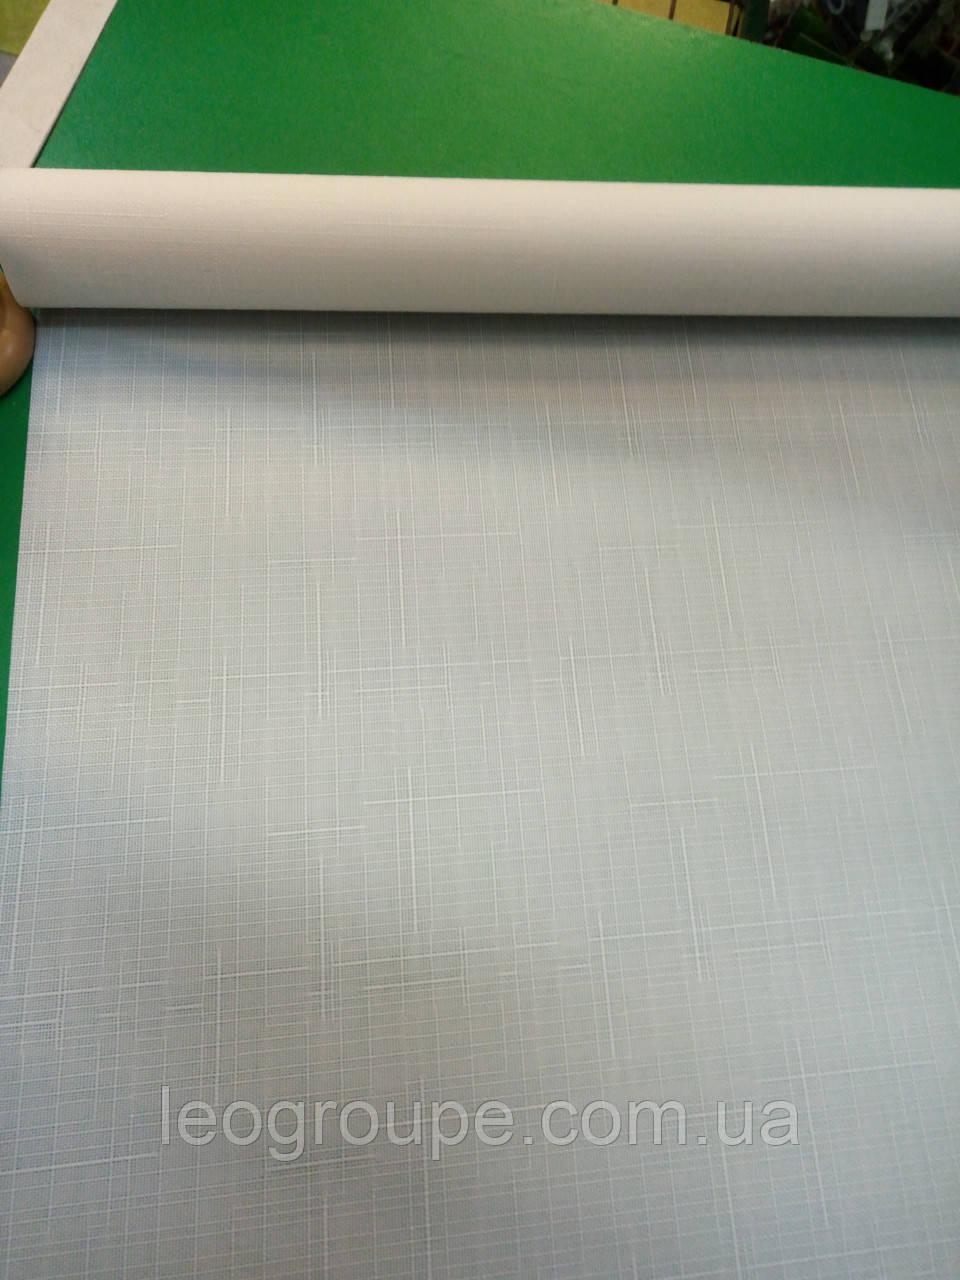 Рулонная штора лен белый 0,75х180